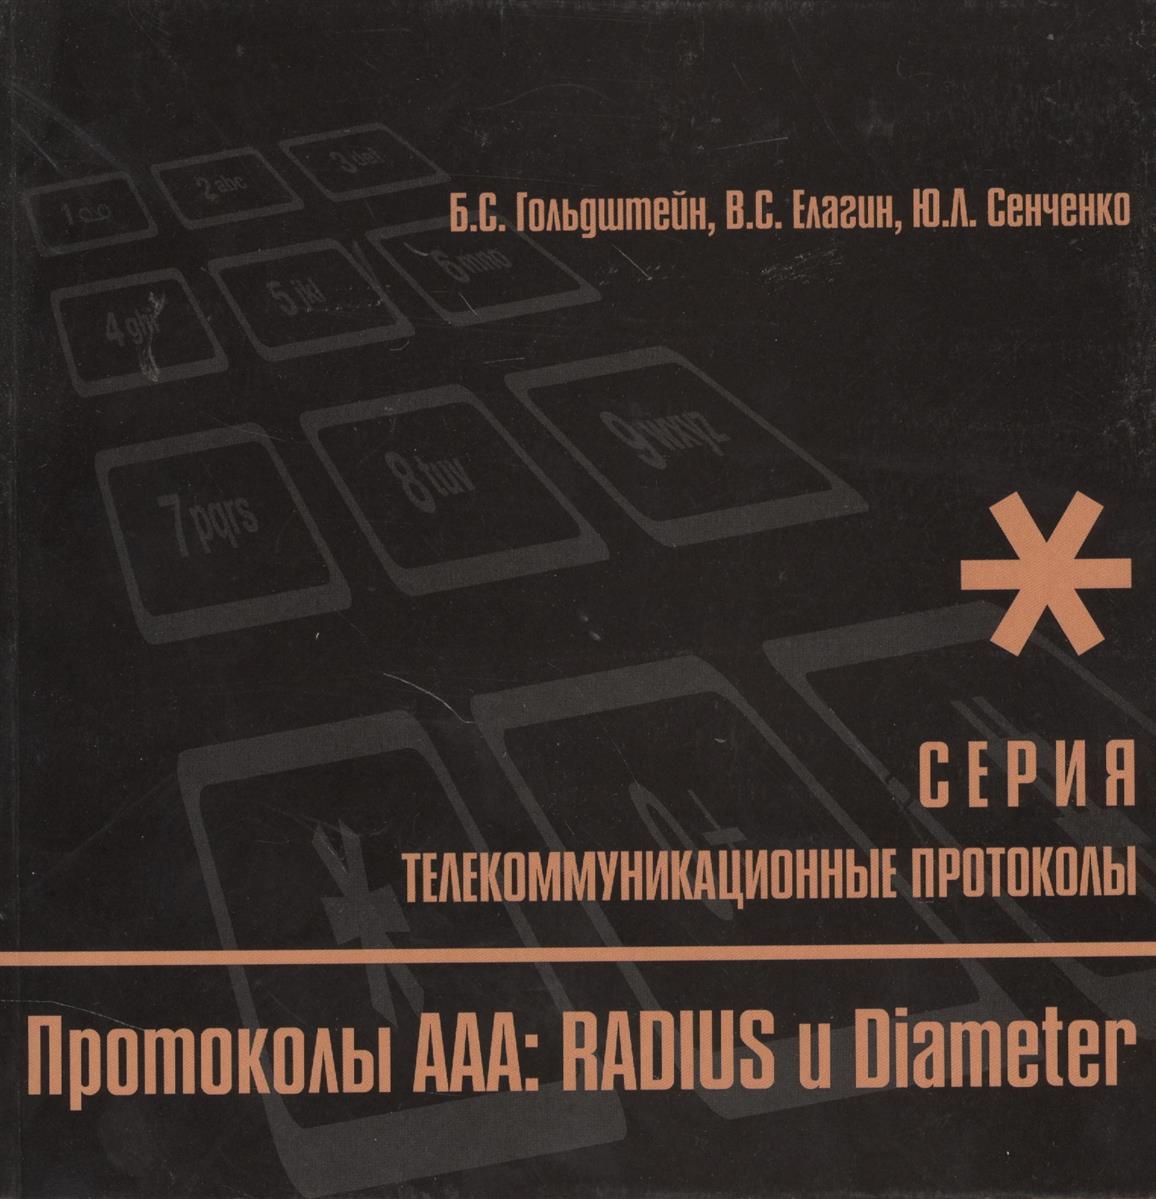 Гольдштейн Б., Елагин В., Сенченко Ю. Протоколы ААА: RADIUS и Diameter. Книга 9 центрполиграф крестовский елагин петровский